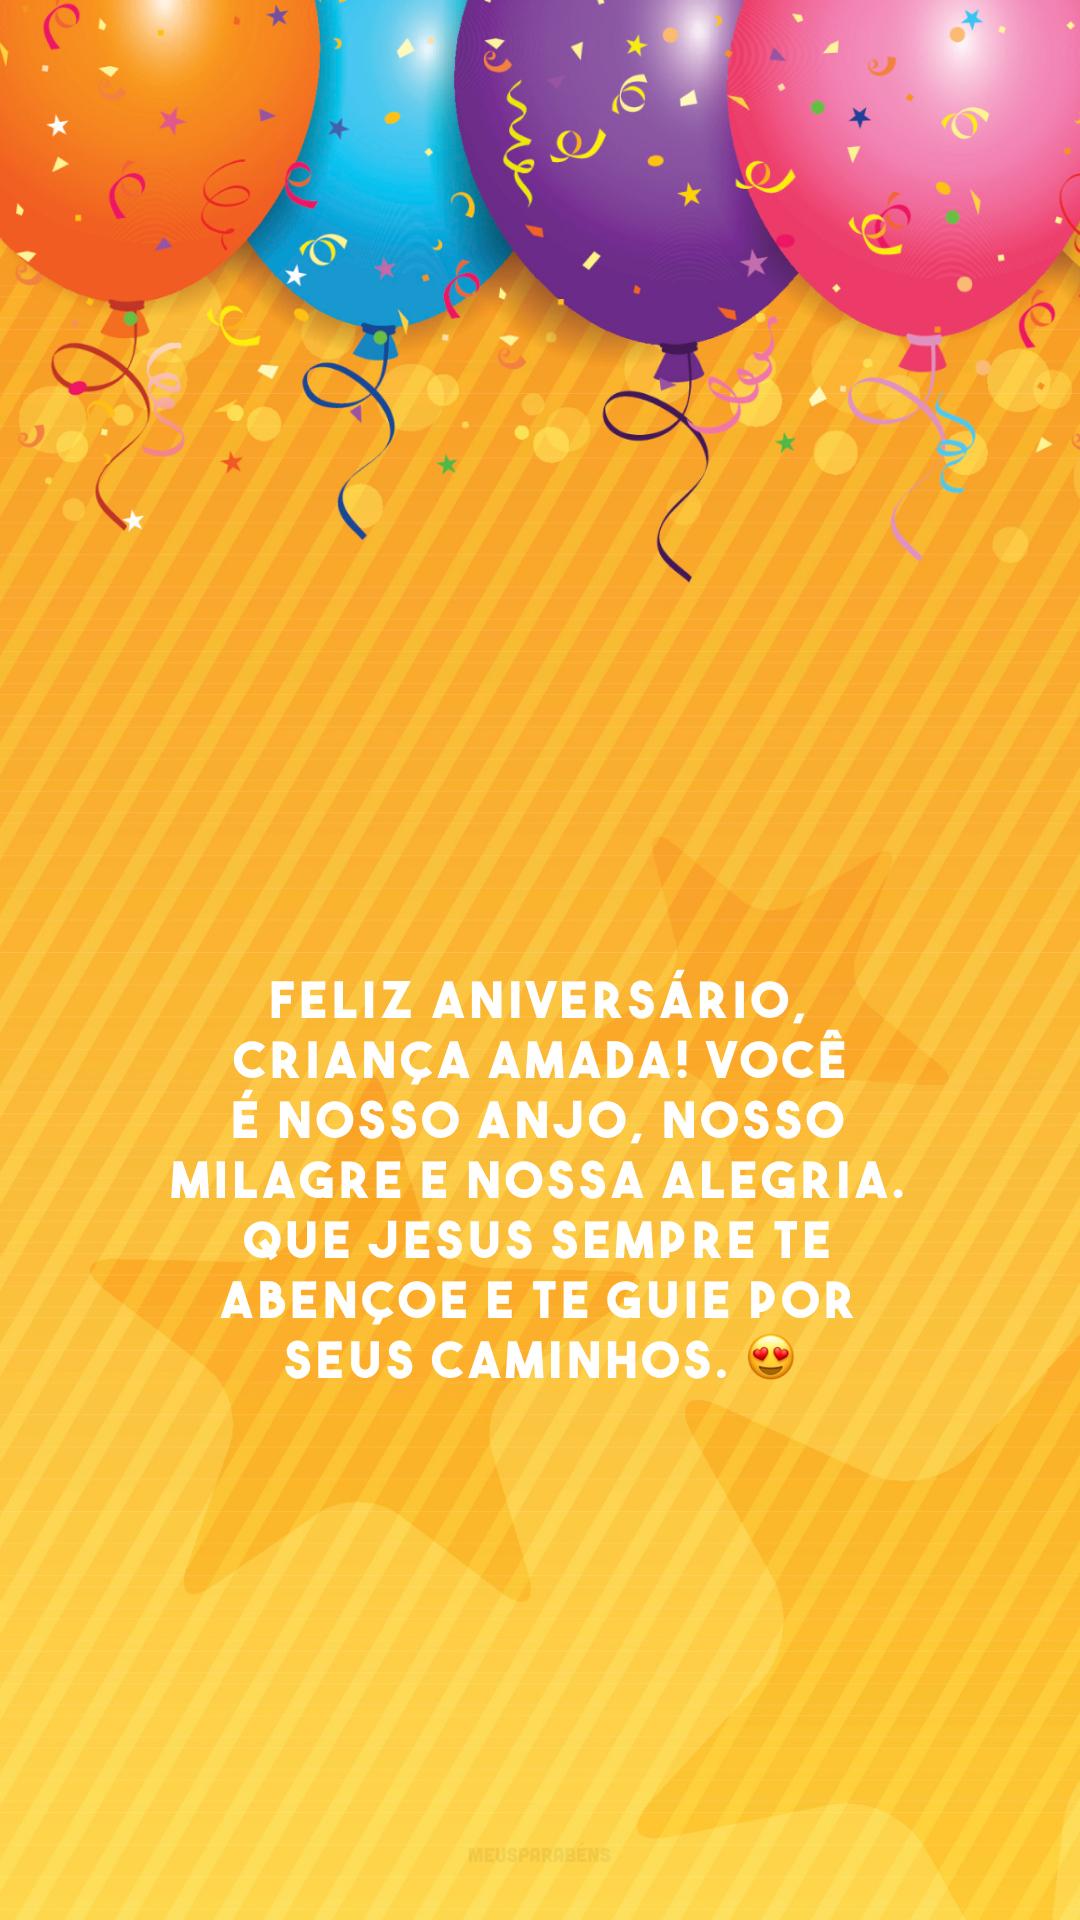 Feliz aniversário, criança amada! Você é nosso anjo, nosso milagre e nossa alegria. Que Jesus sempre te abençoe e te guie por seus caminhos. 😍